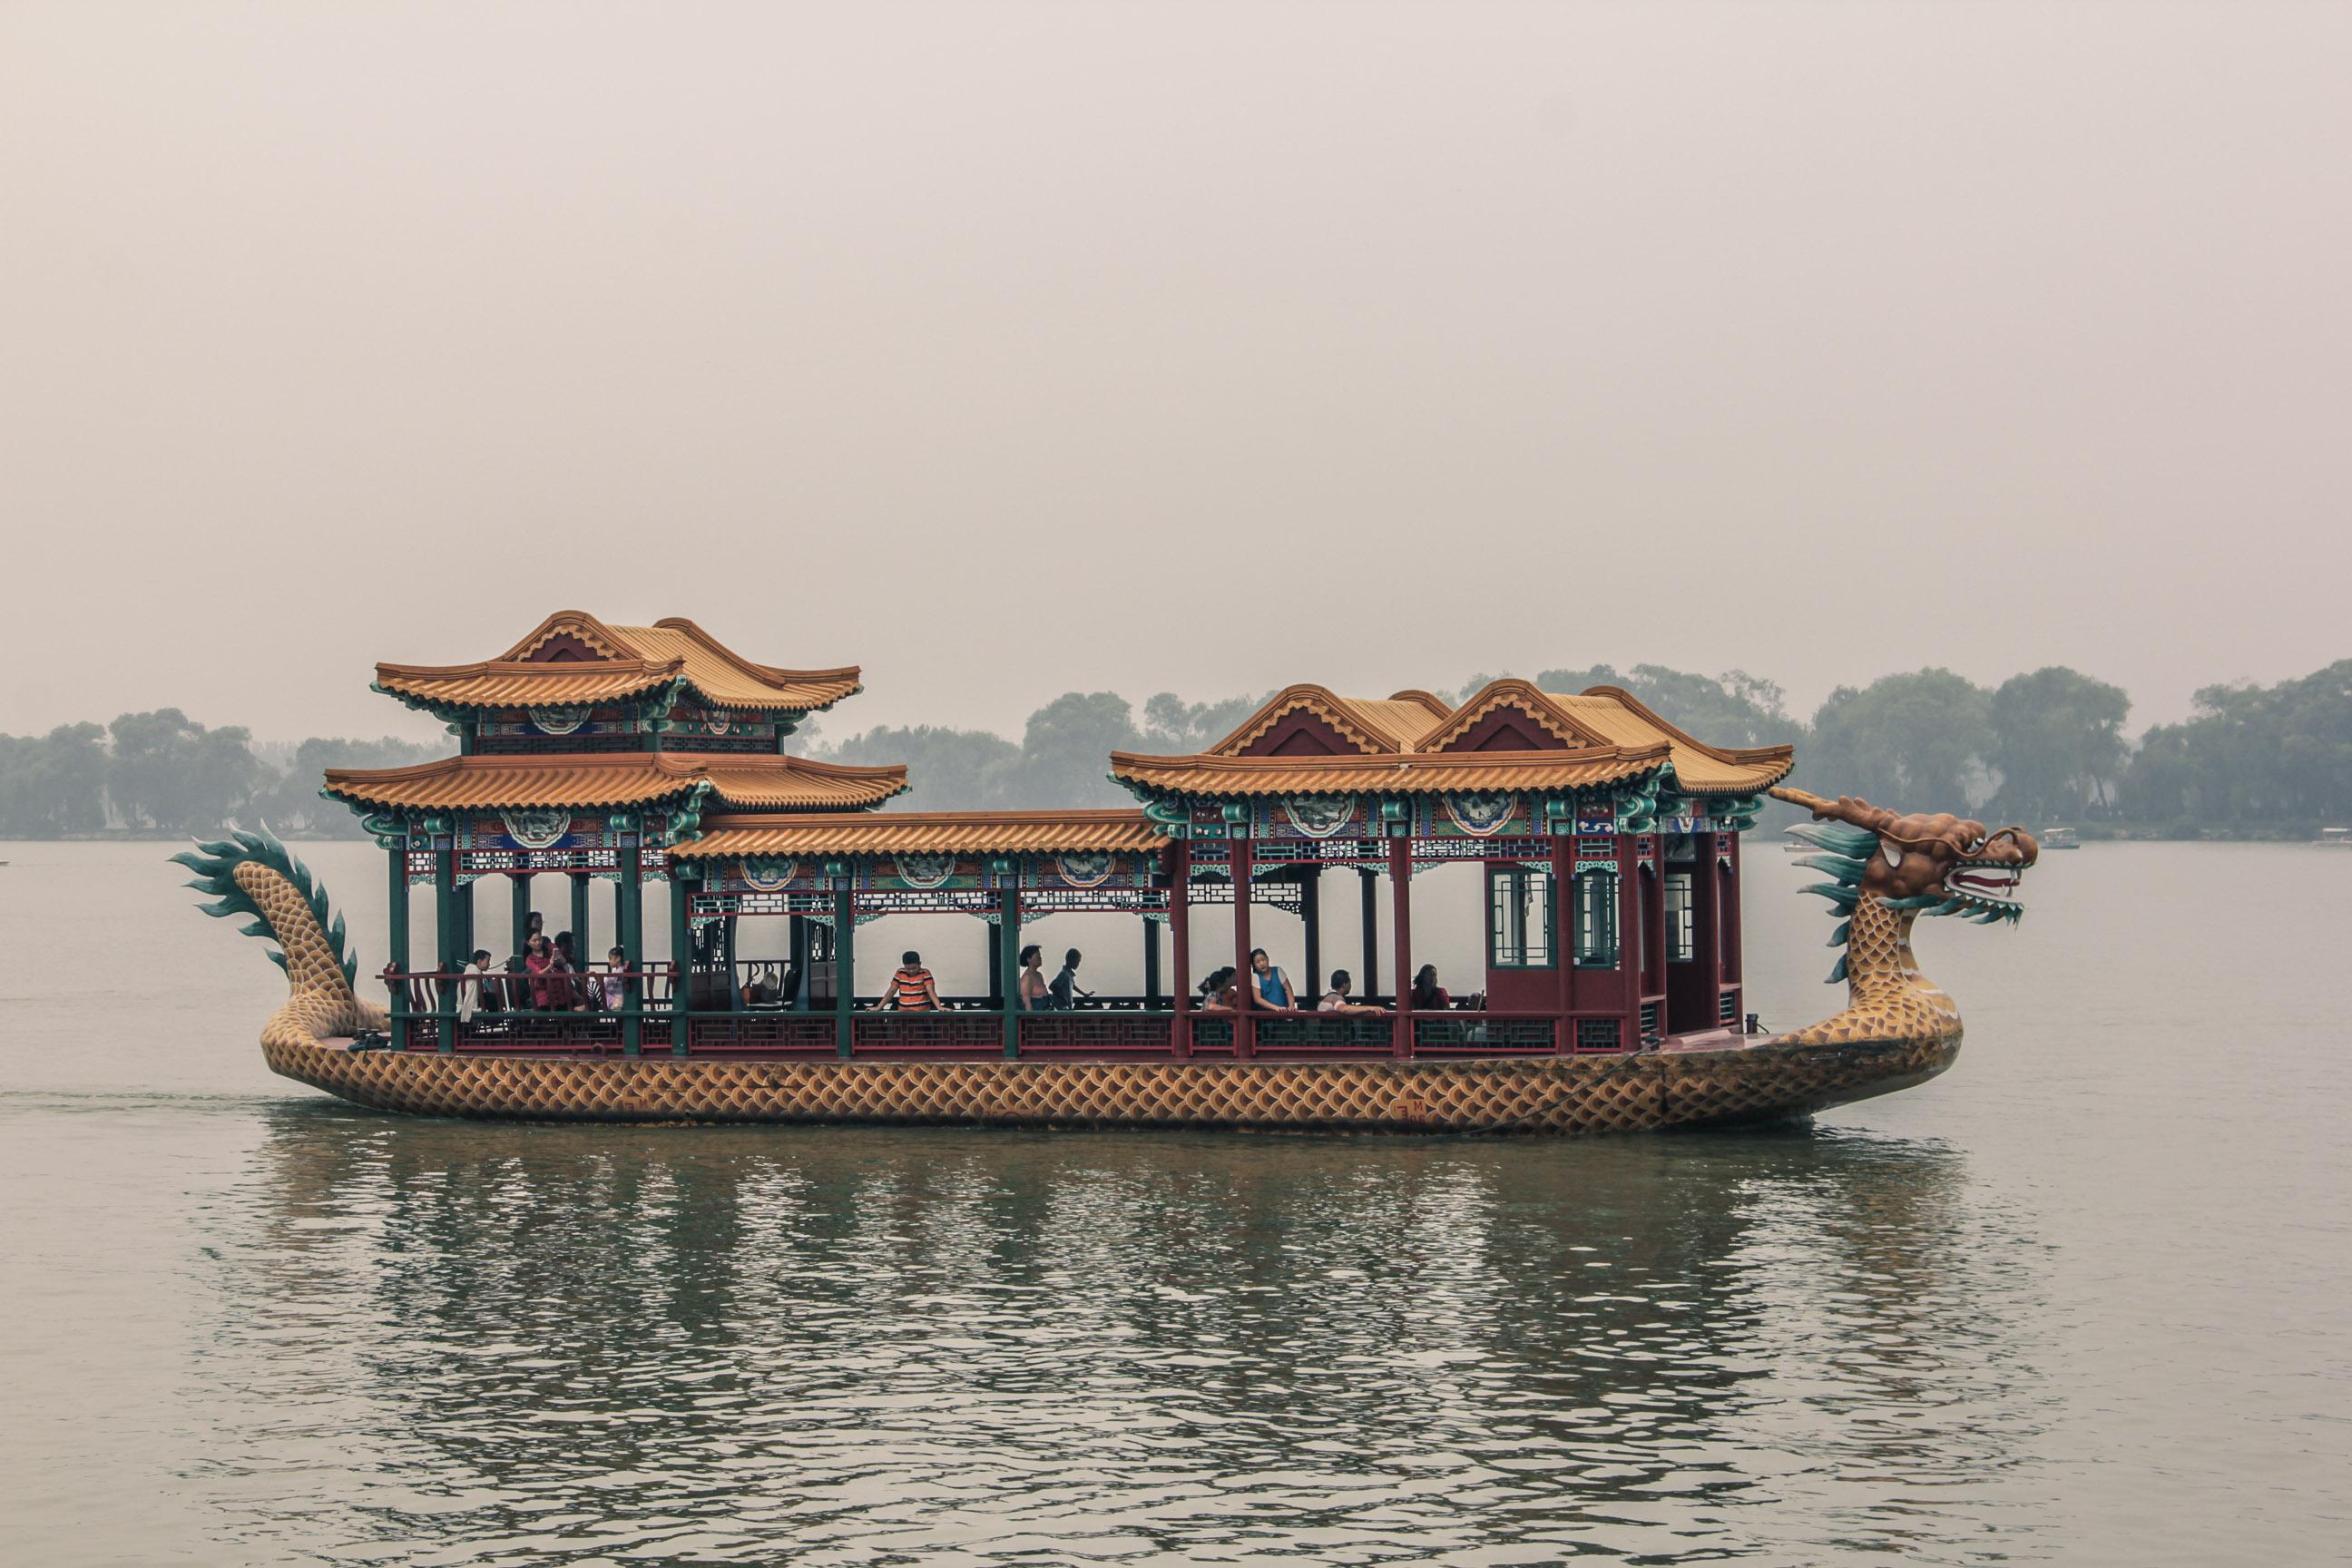 Bateaux en forme de dragon sur le lac du Palais d'été à Pékin